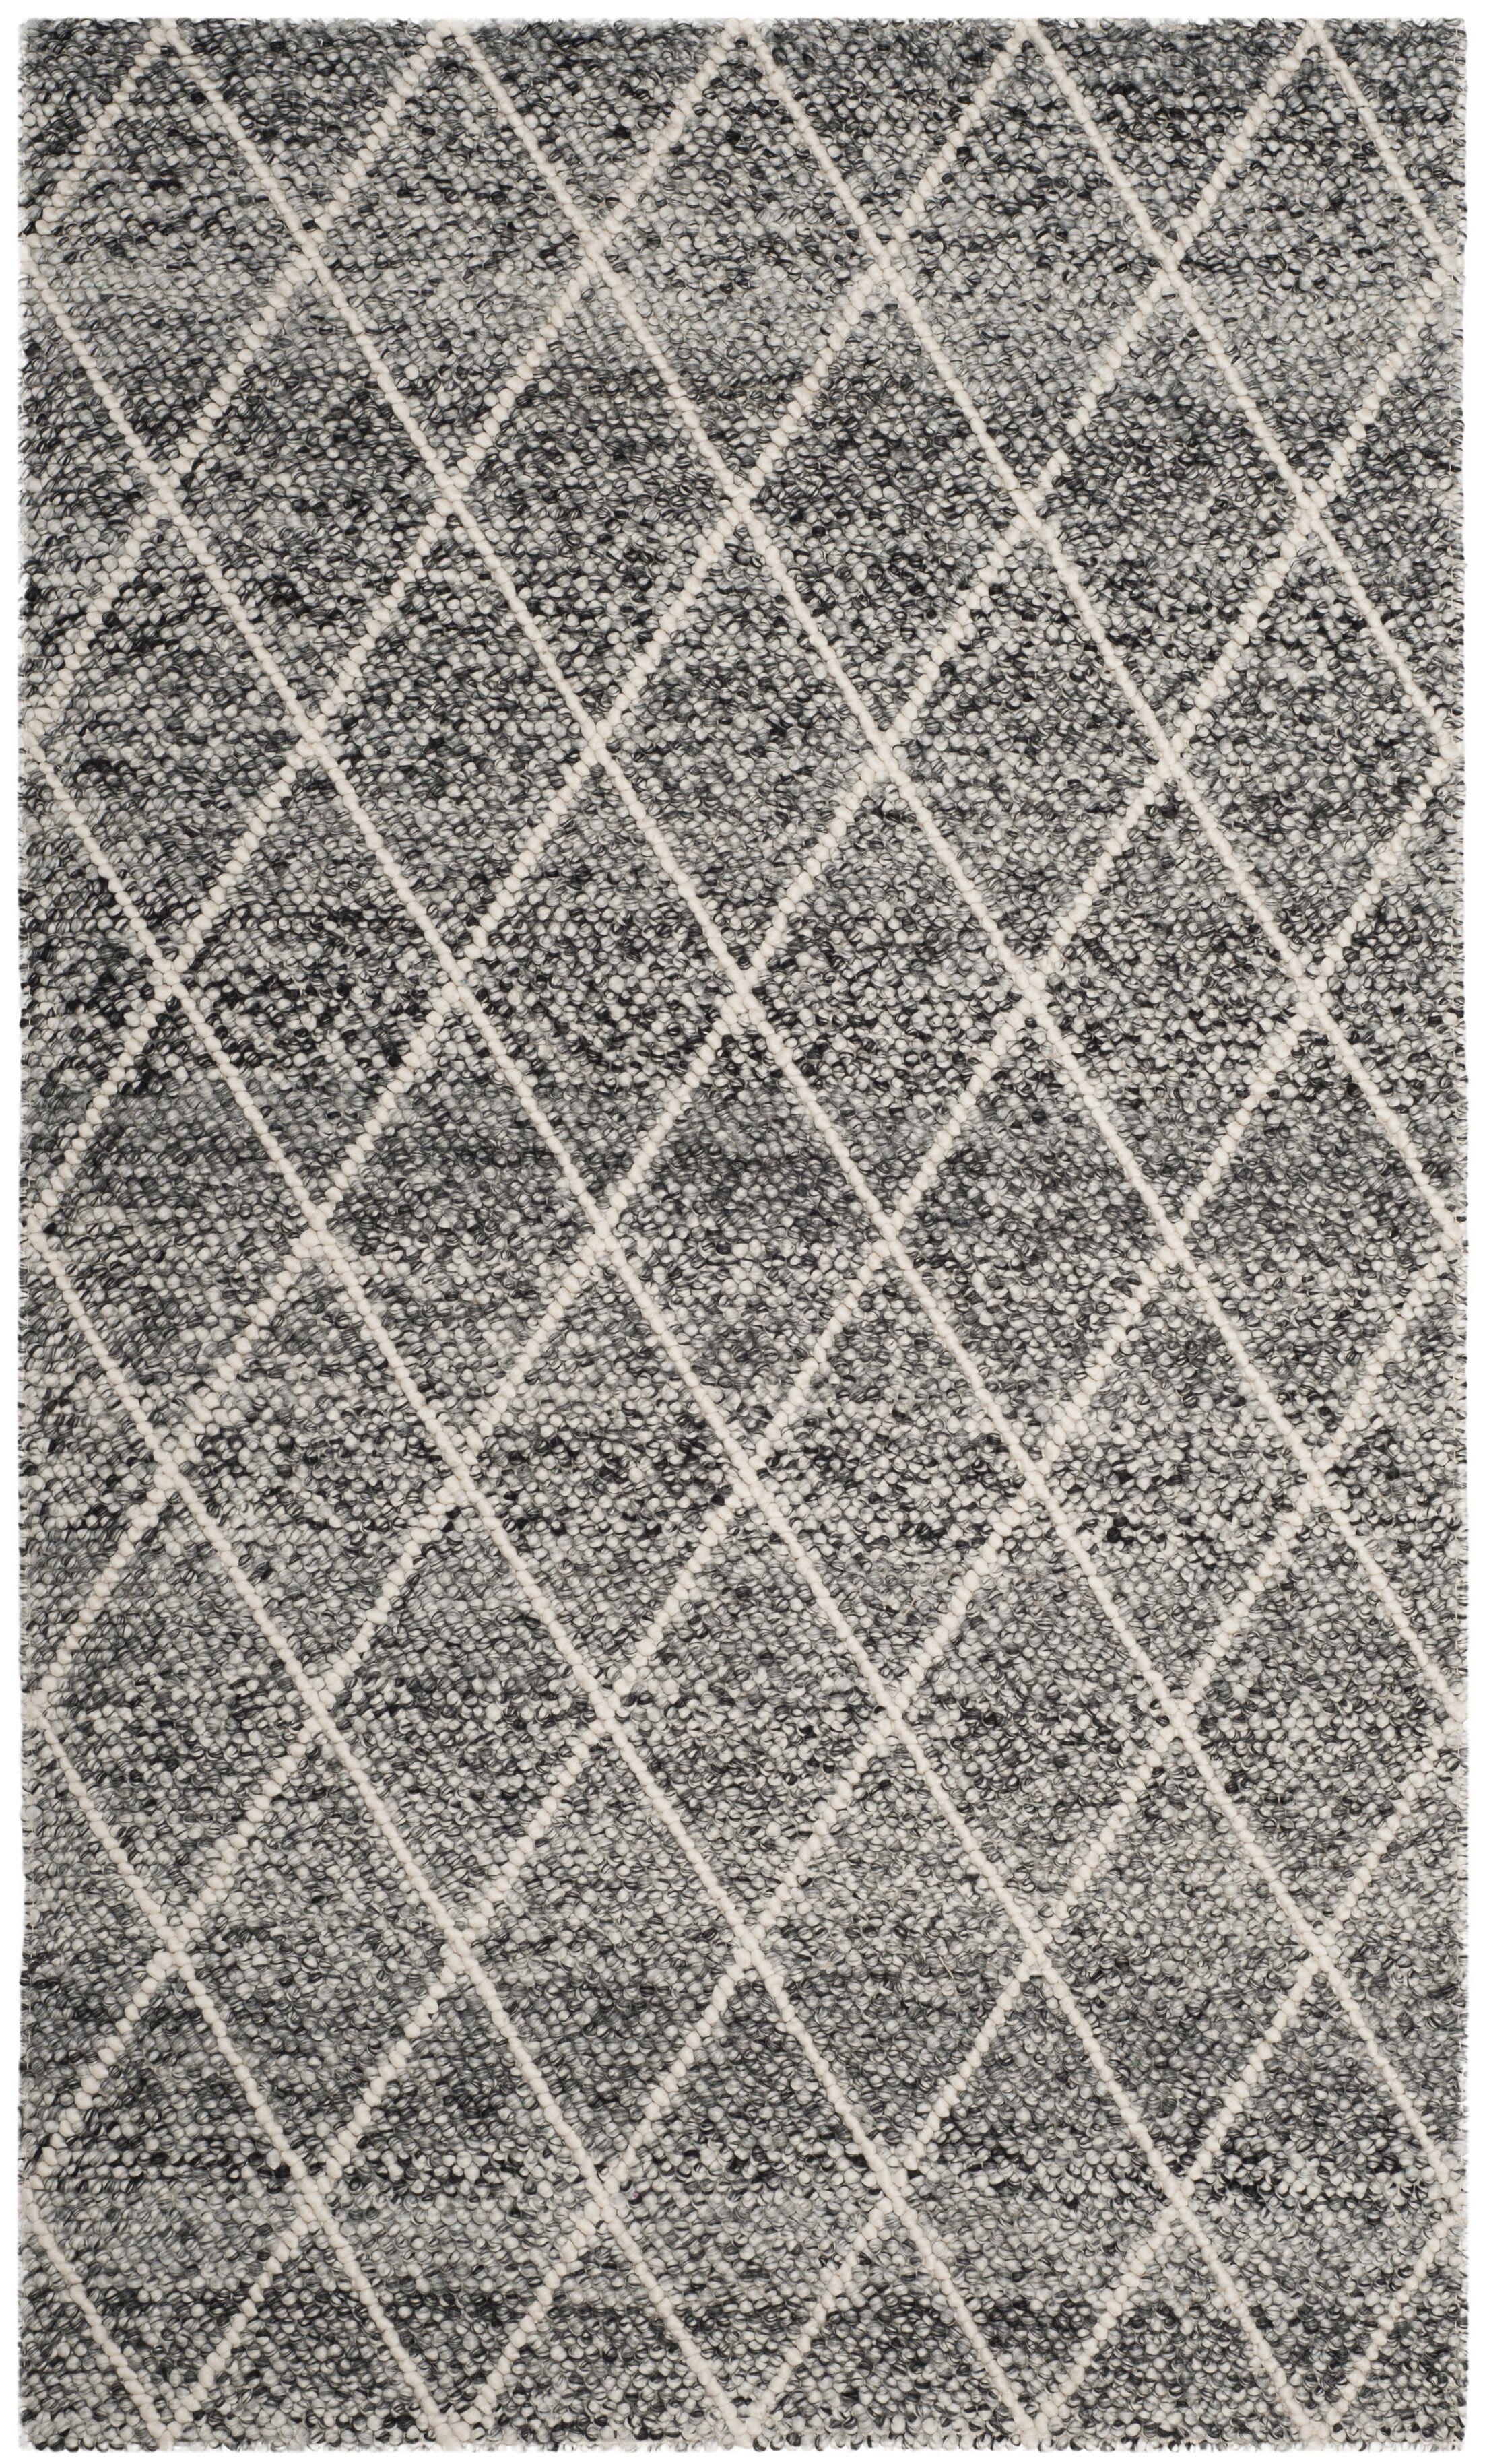 Billie Hand-Tufted Ivory/Black Area Rug Rug Size: Square 6'